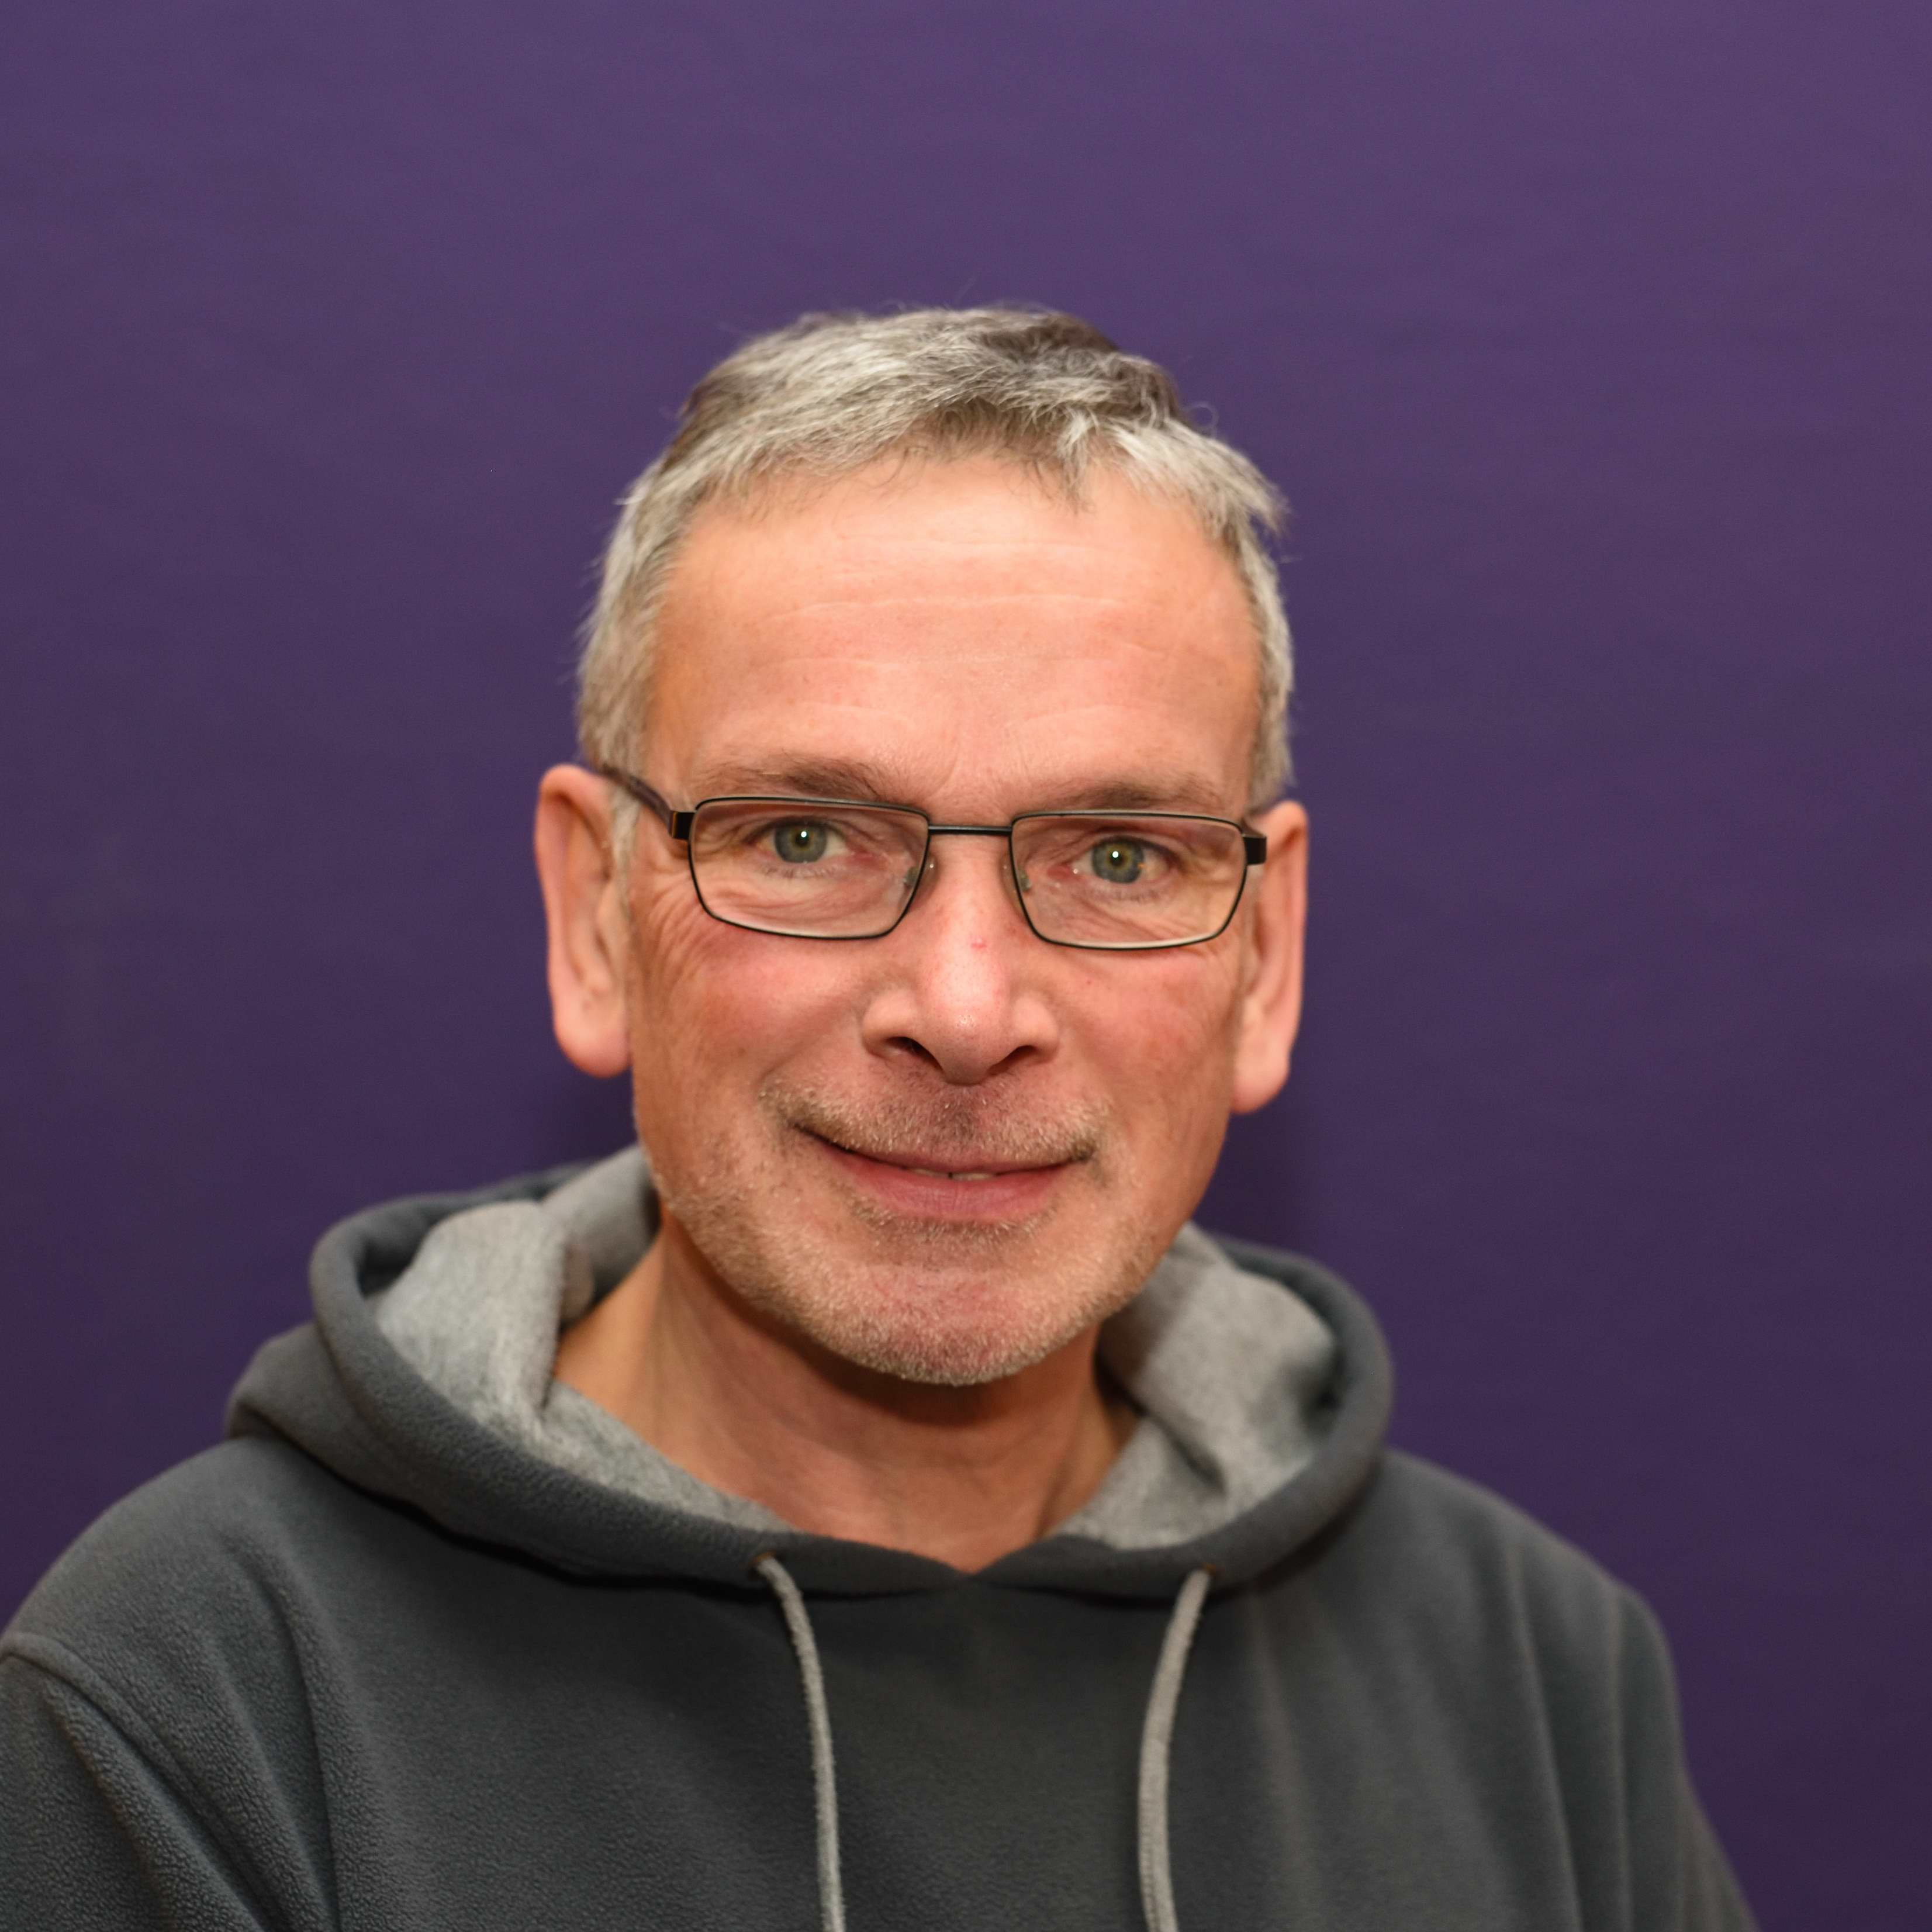 Dr. Thomas Ostendorf